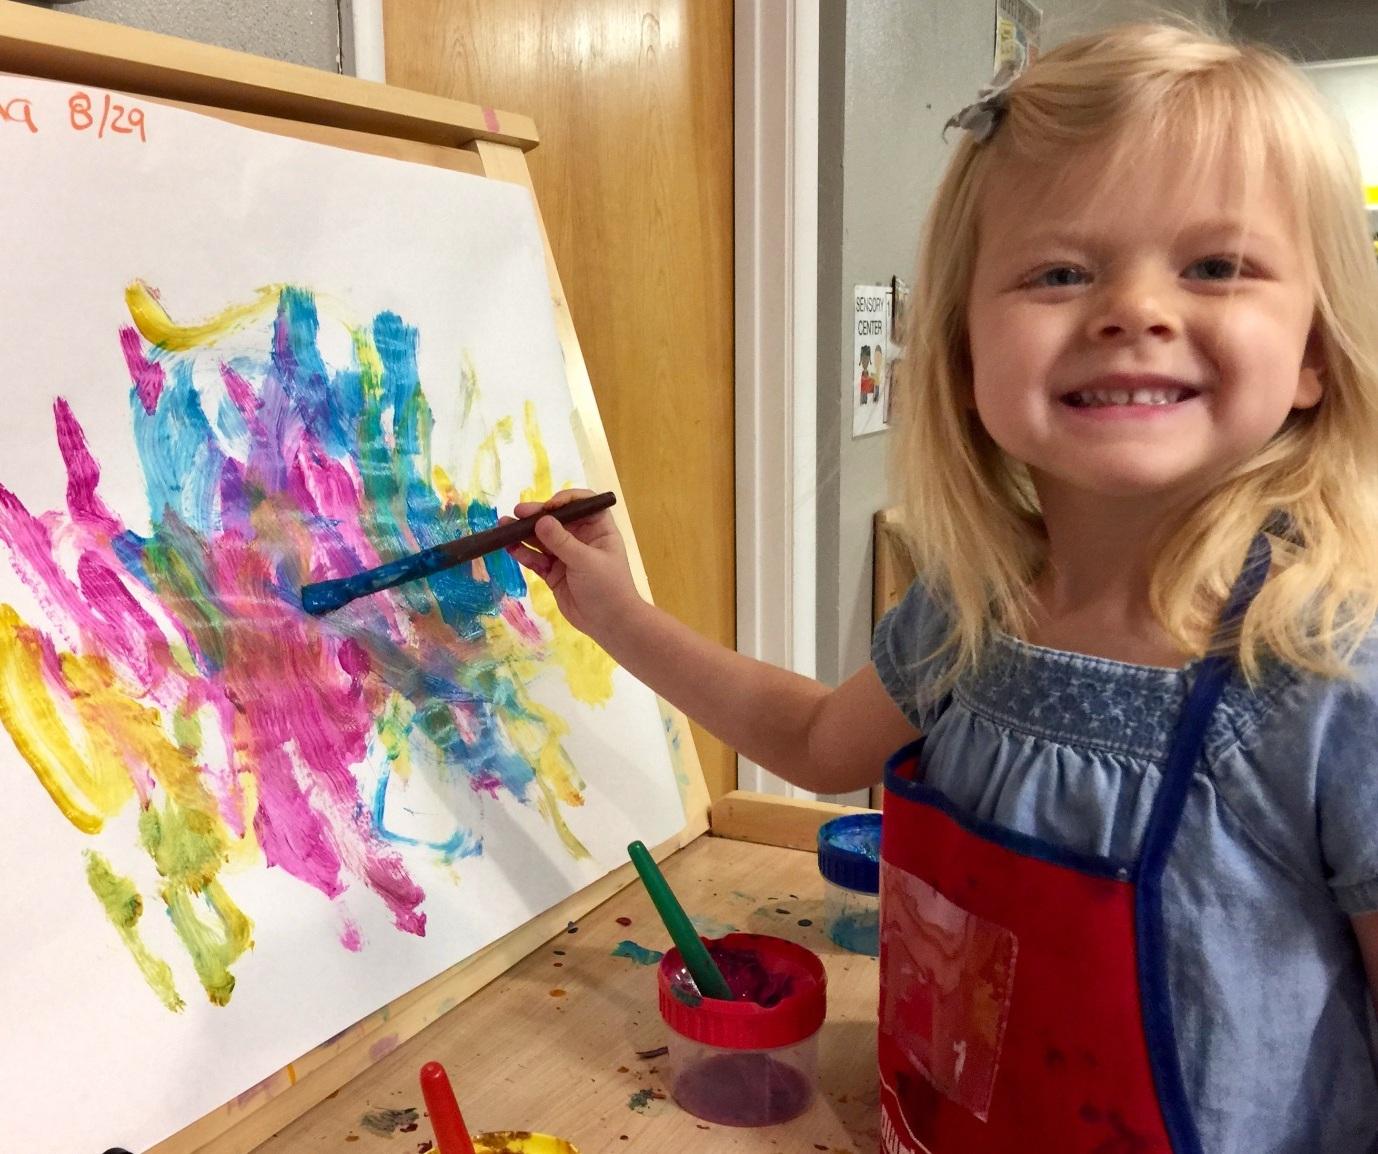 fayetteville_preschool_Prism